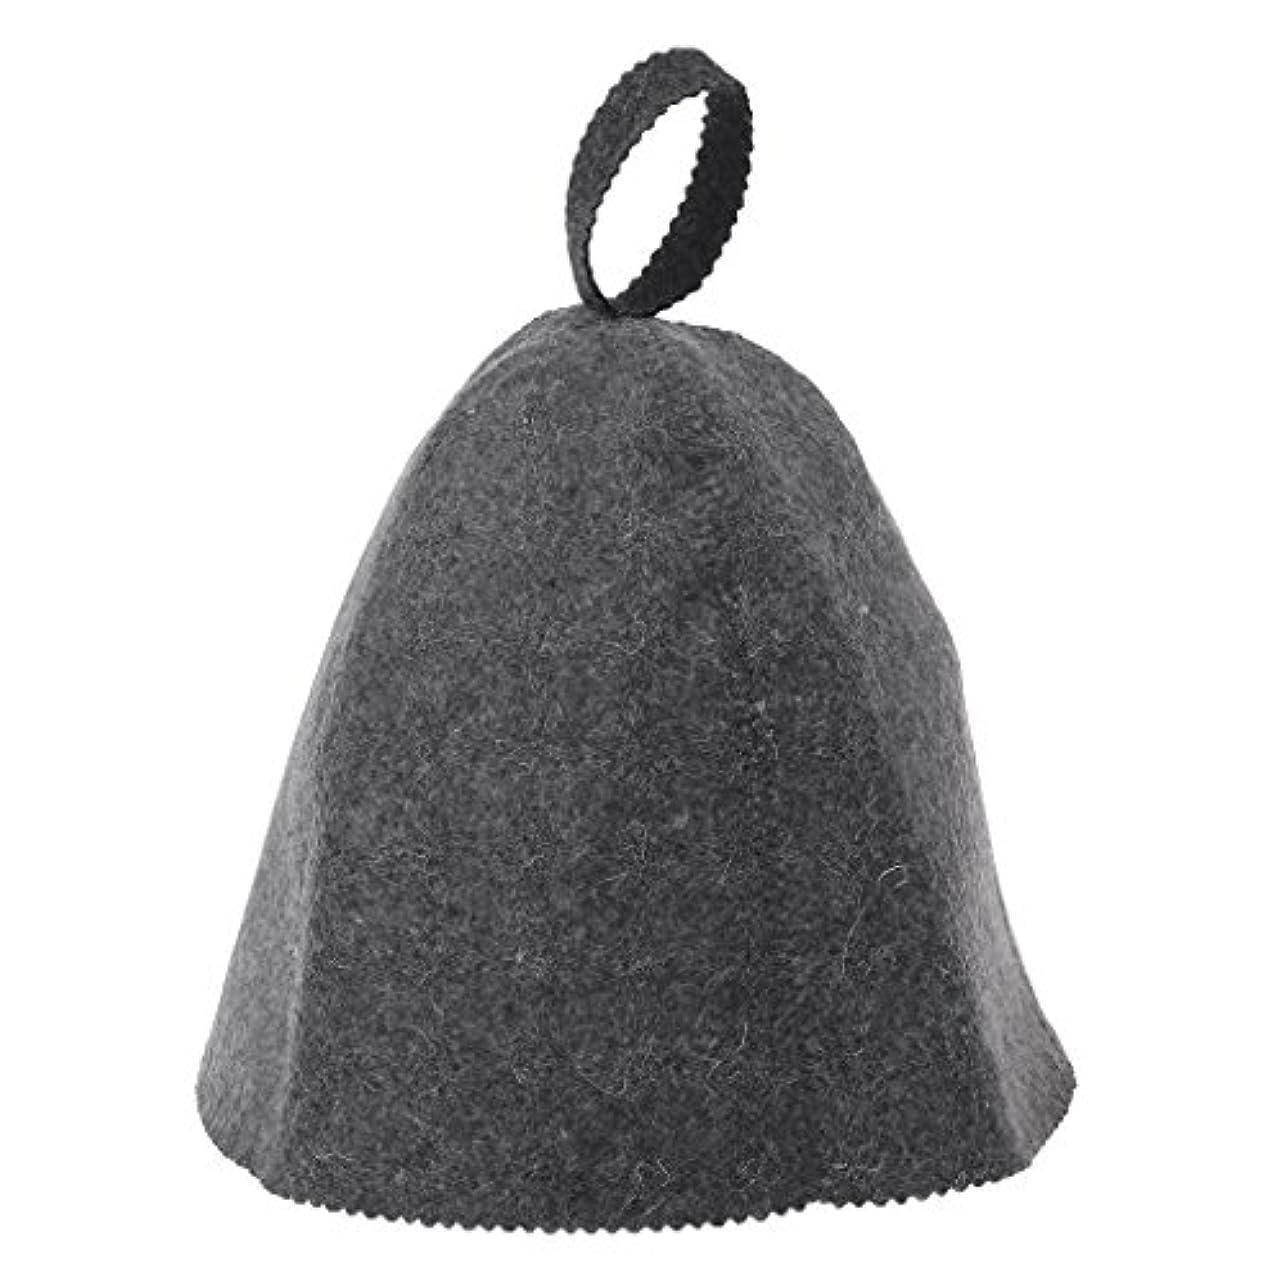 歌詞議論する干渉するLANDUMのウールのフェルトのサウナの帽子、浴室の家の頭部の保護のための反熱ロシアのバニヤ帽子